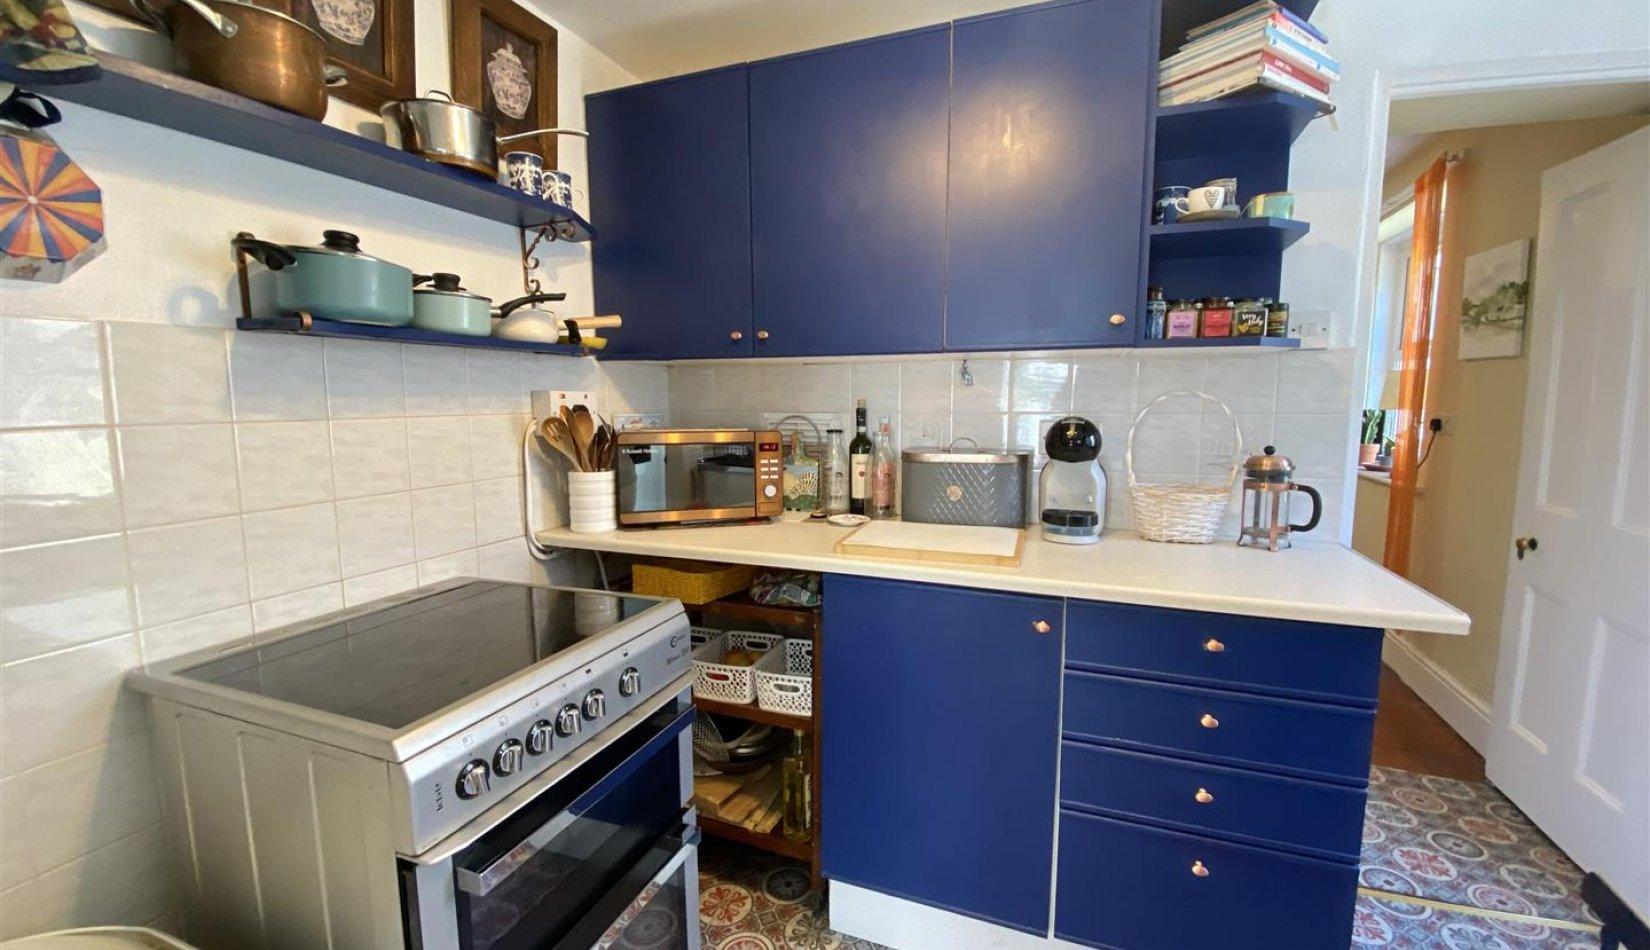 brynog kitchen pic 2.jpg